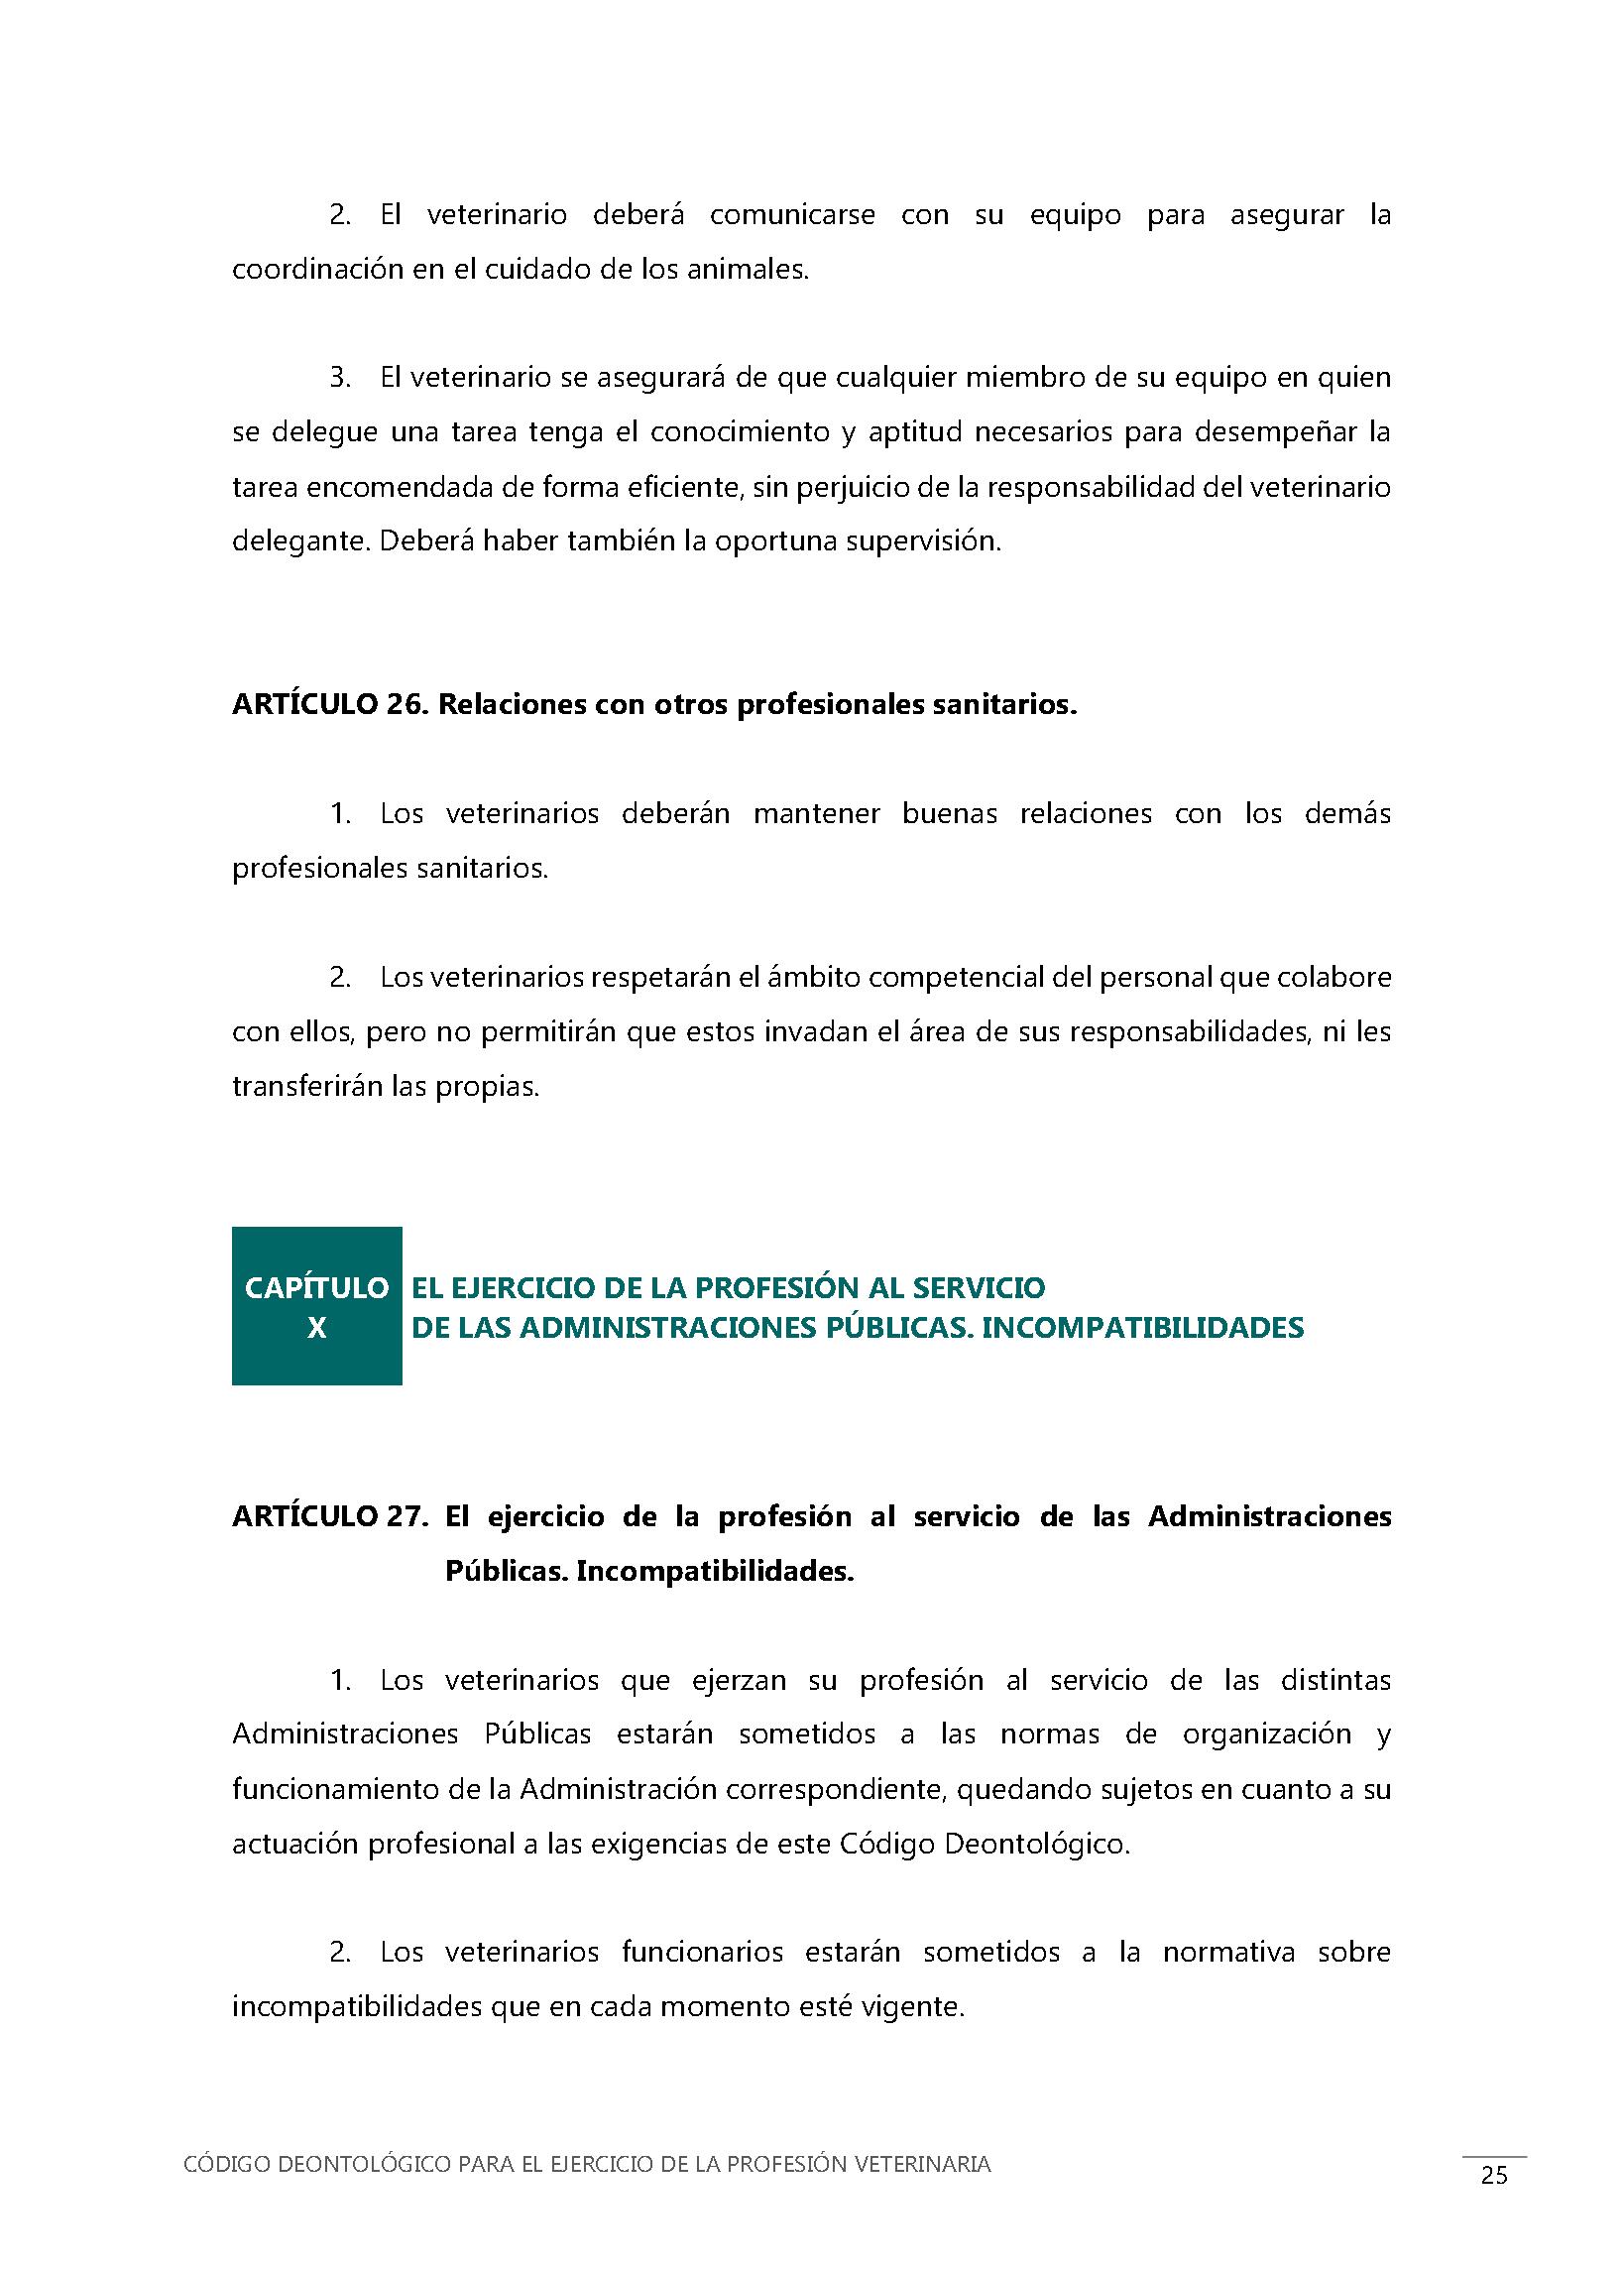 codigo deontológico dic 2018_Página_27